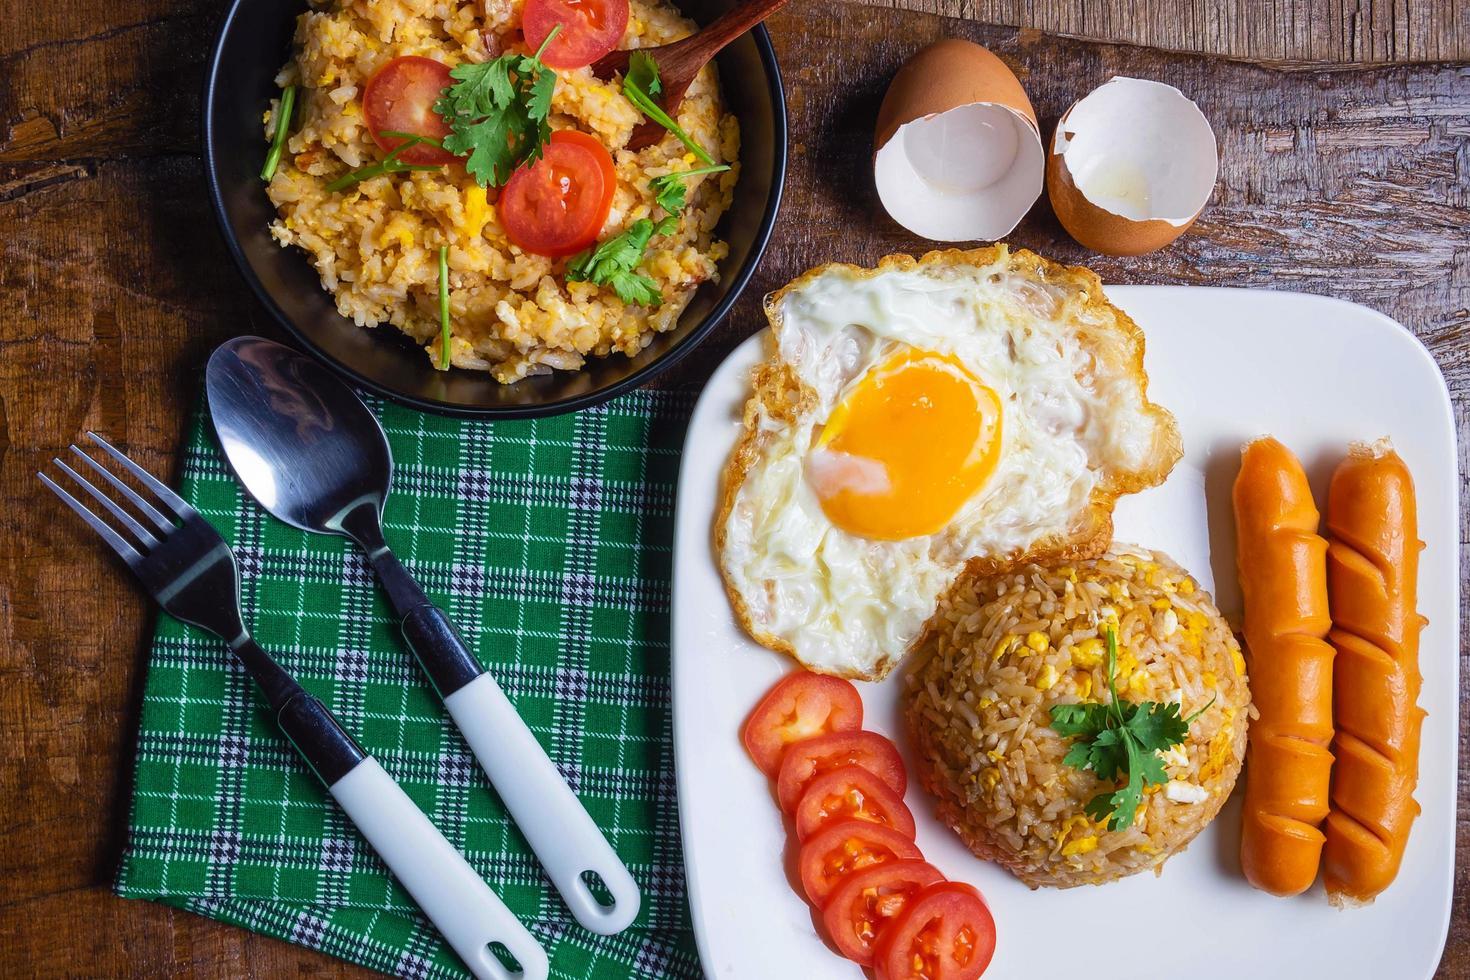 petit déjeuner sur une assiette et une poêle photo